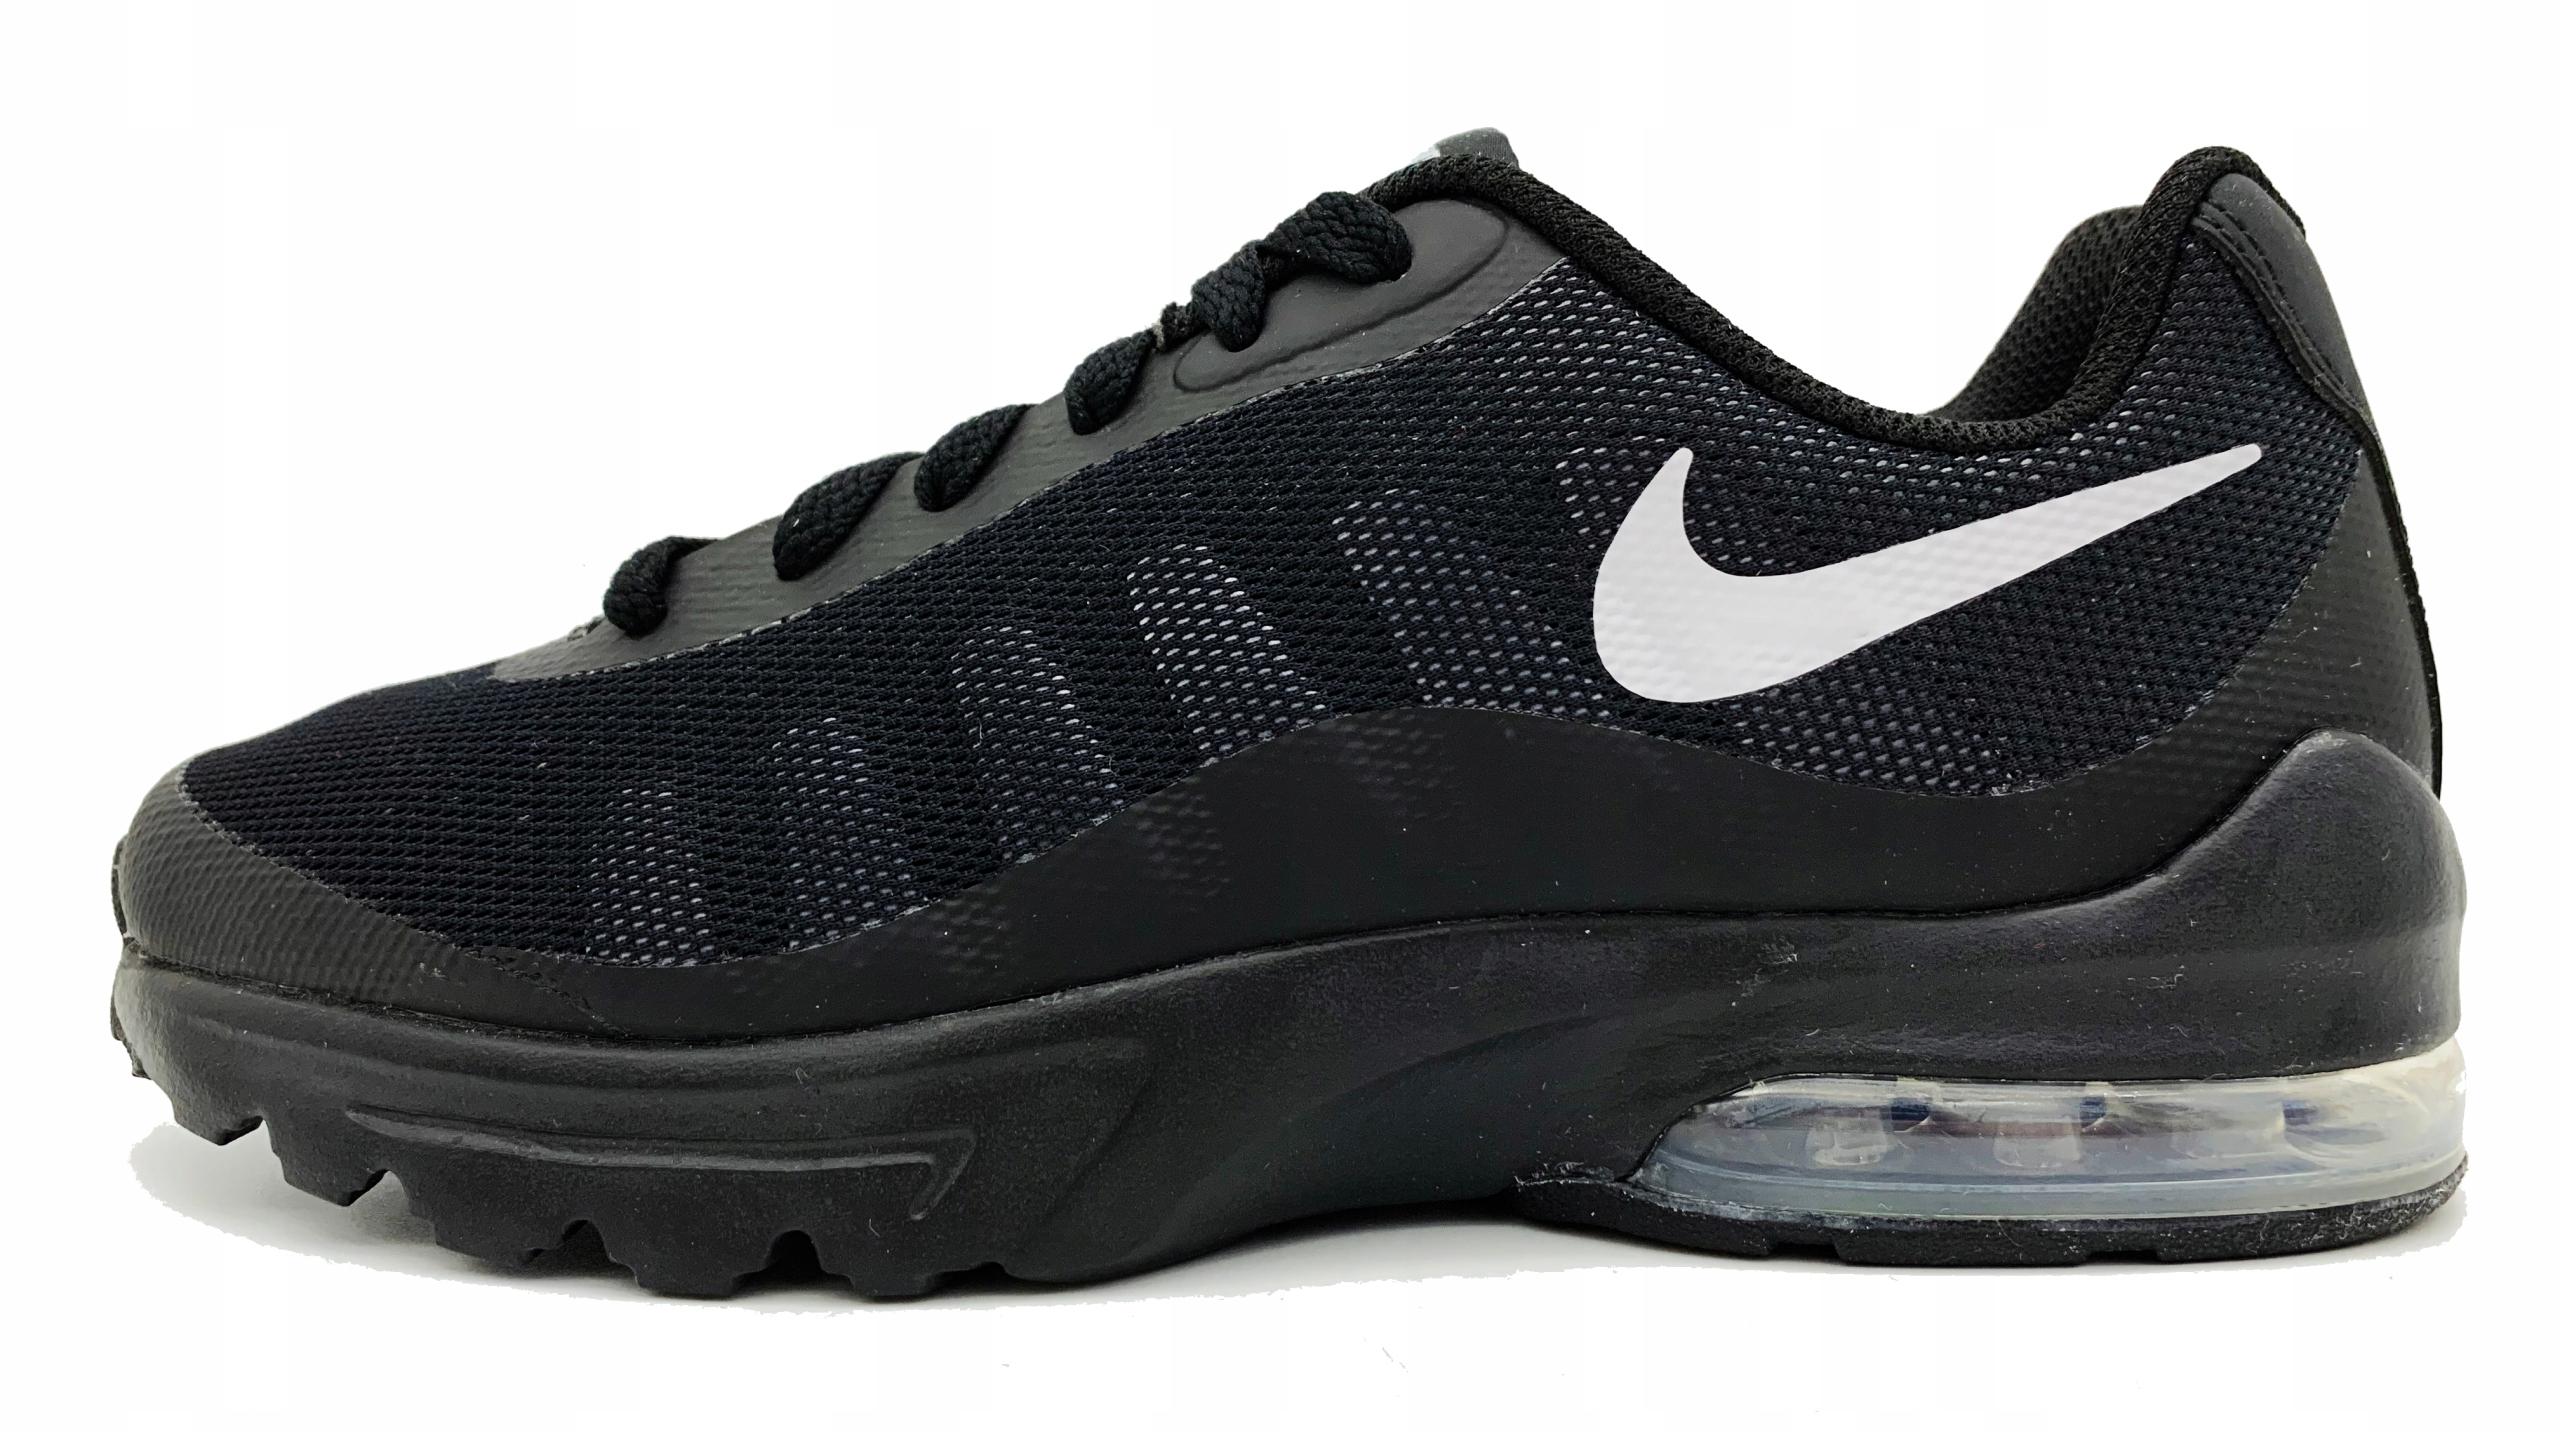 ص الجنوبي توقع Nike Sklepy Dsvdedommel Com